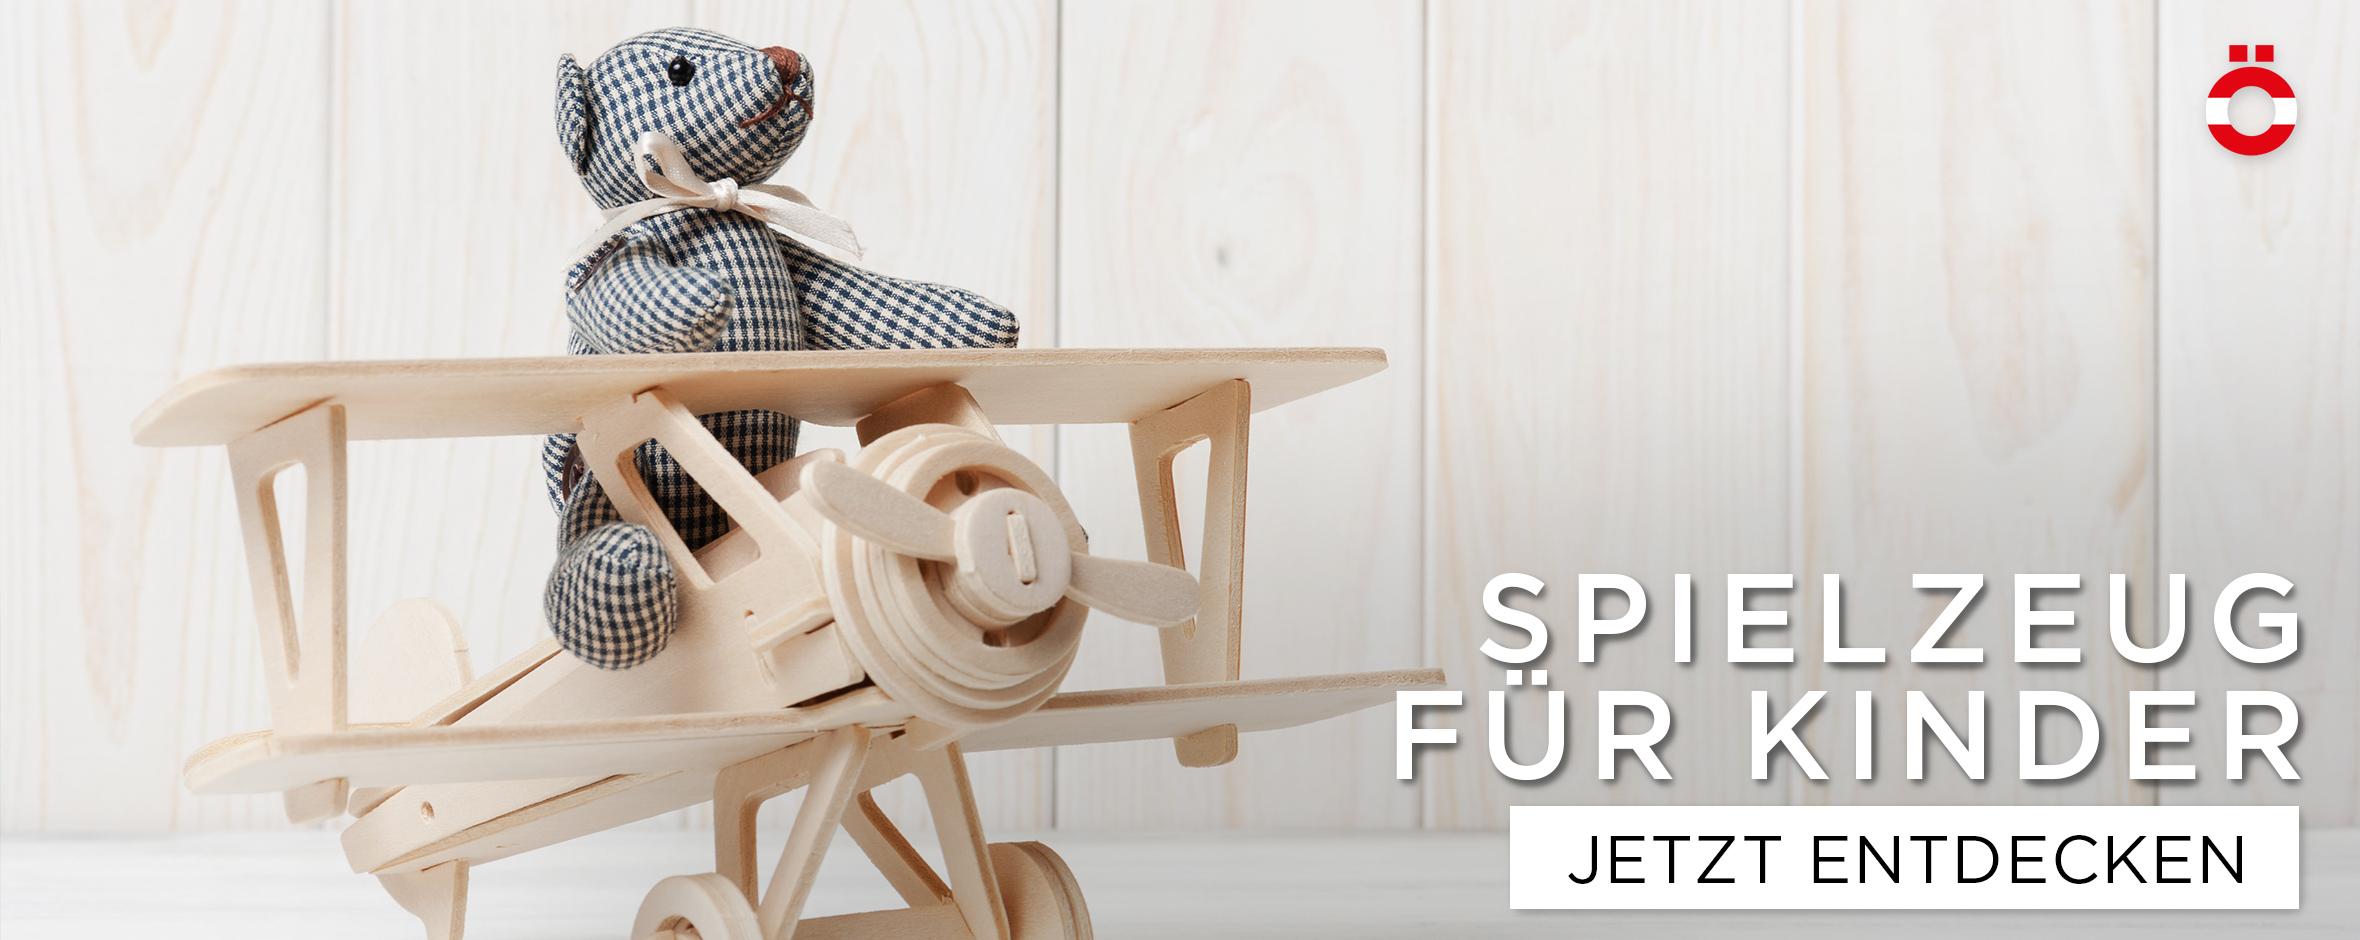 Spielzeug für Kinder online kaufen - shöpping.at